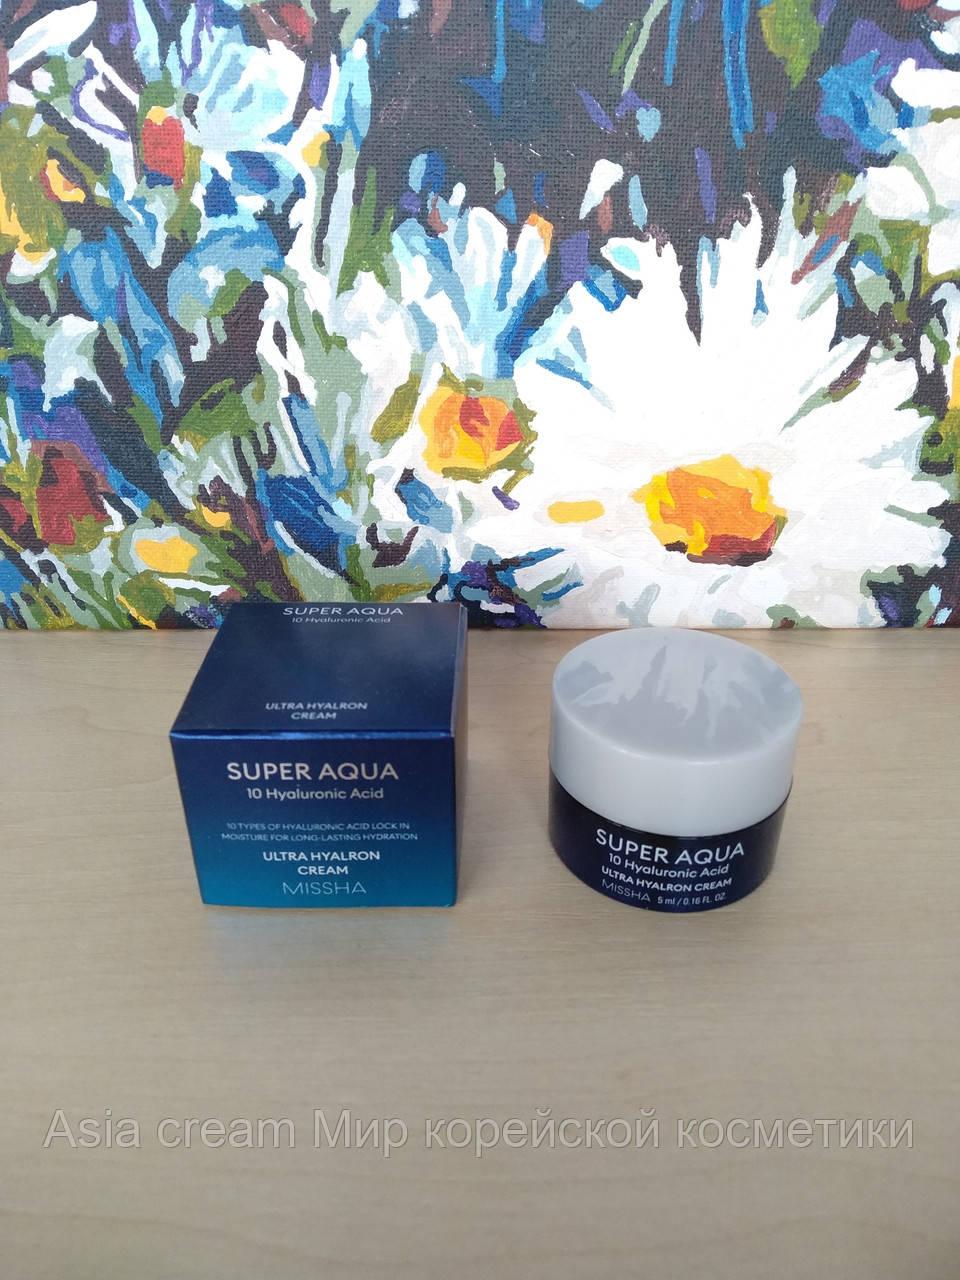 Увлажняющий крем с гиалуроновой кислотой Missha Super Aqua 10 Hyaluronic Acid Ultra Hyaluron Cream mini